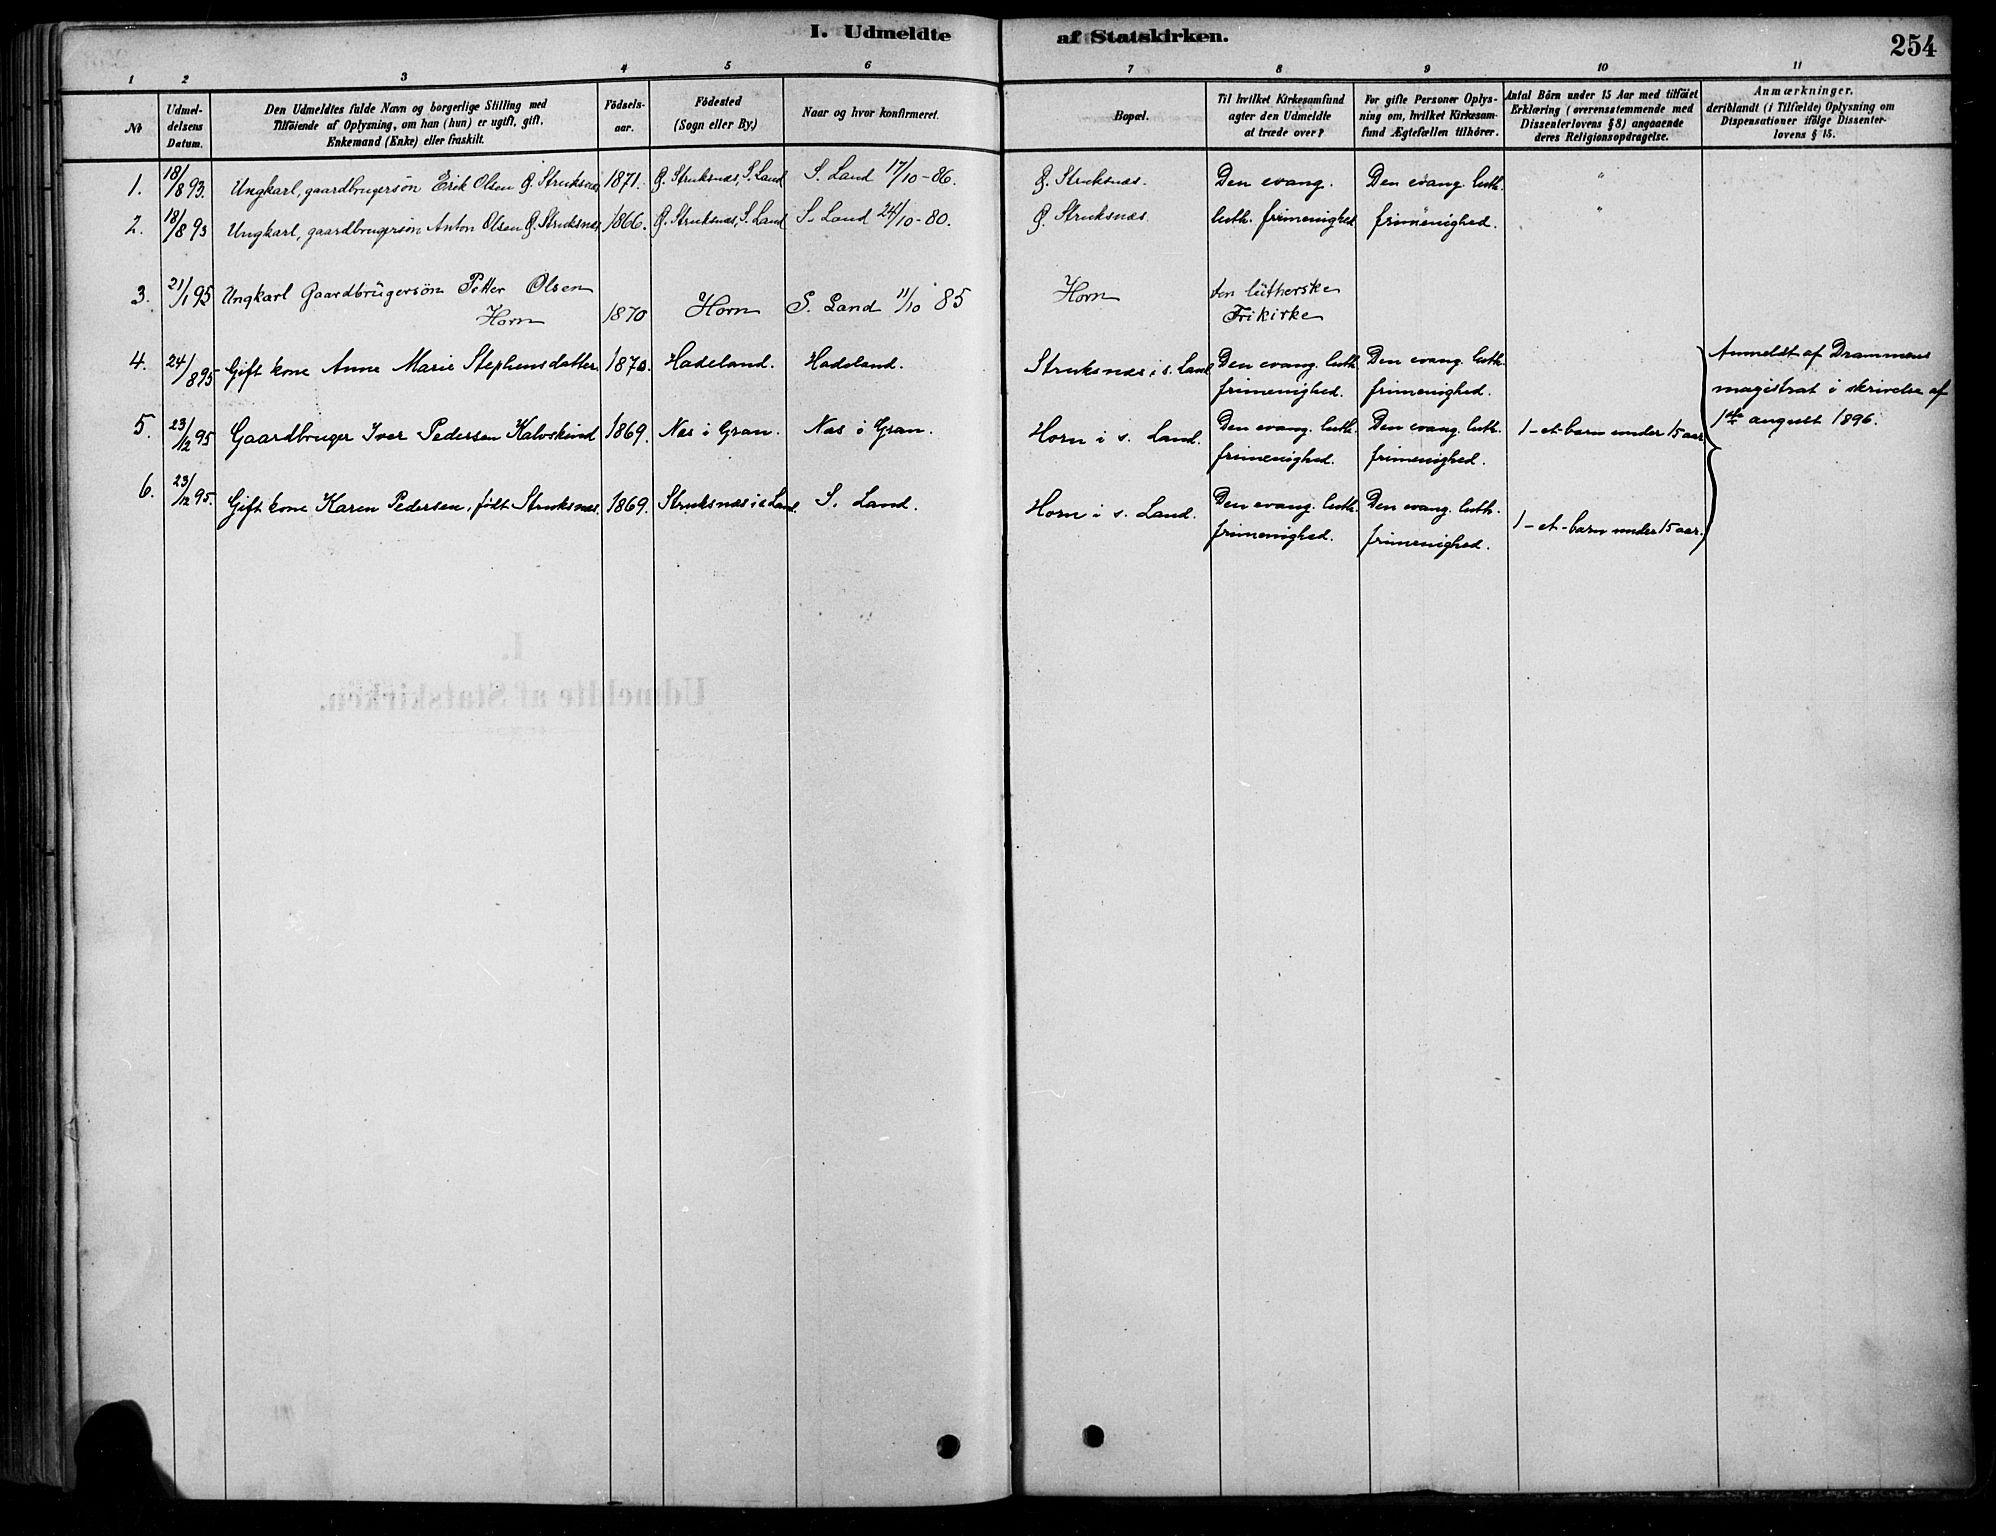 SAH, Søndre Land prestekontor, K/L0003: Ministerialbok nr. 3, 1878-1894, s. 254